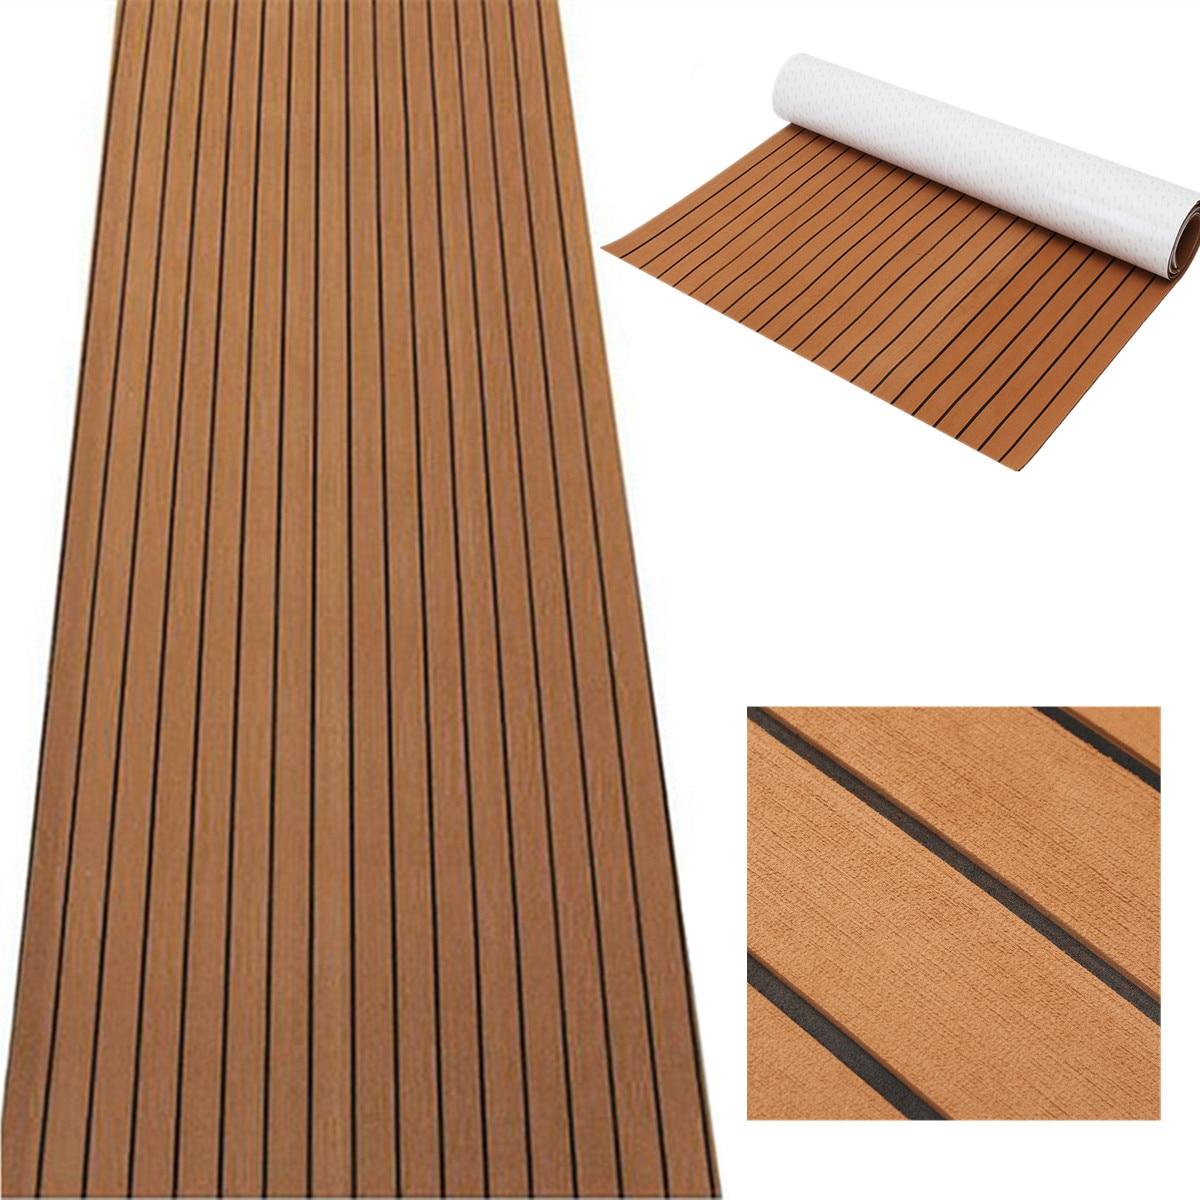 Мм 2400 x мм 1200 мм 5 самоклеющиеся пены EVA искусственная Тиковый лист яхты синтетический тик настил пола коврики коричневый